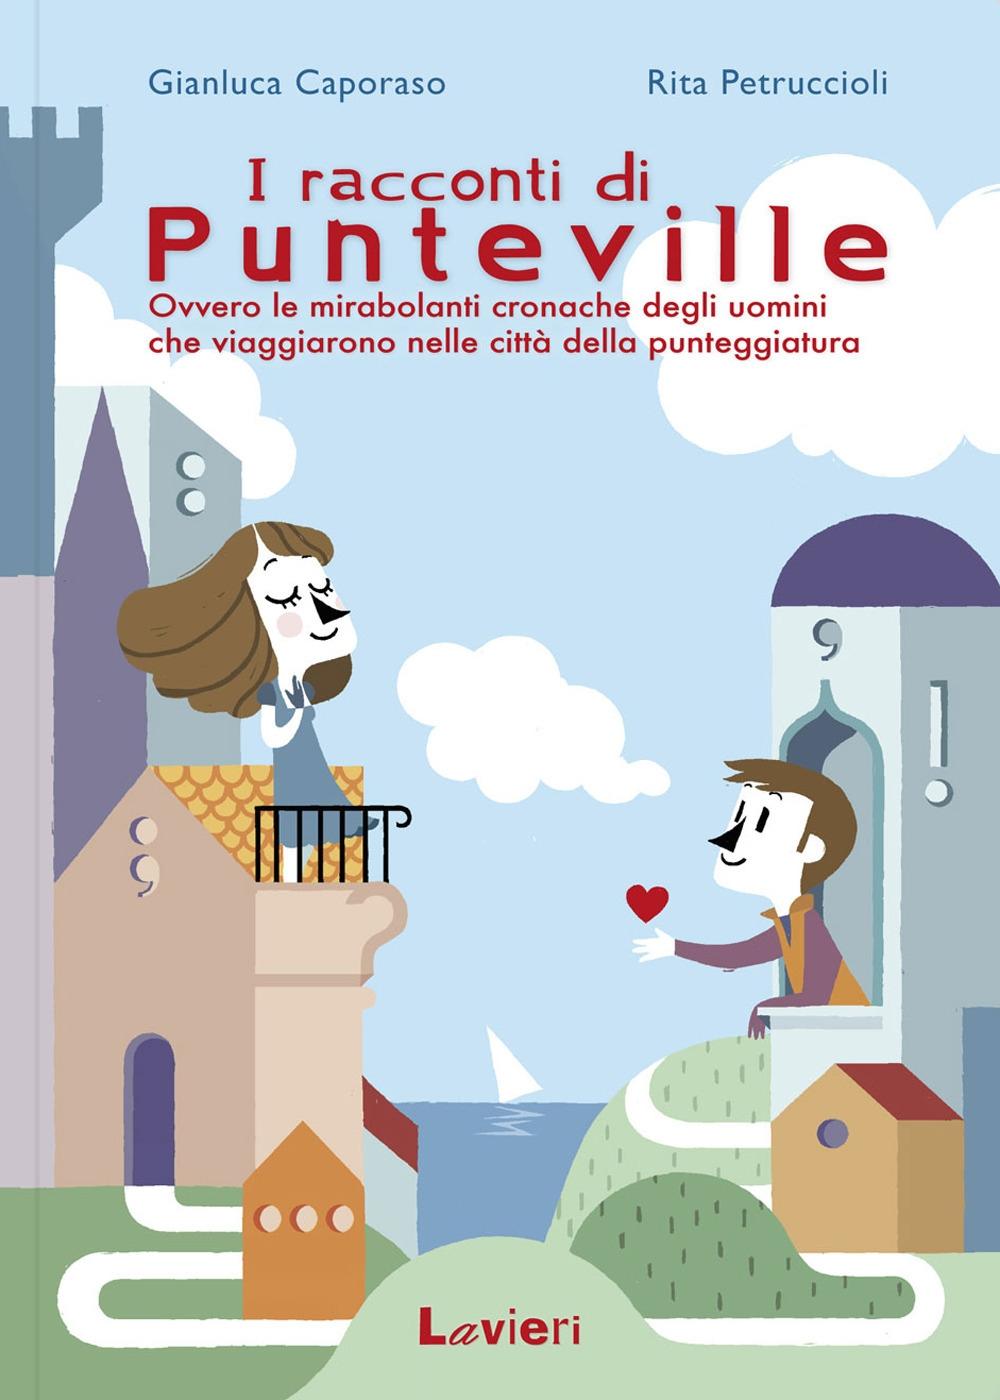 I racconti di Punteville. Ovvero le mirabolanti cronache degli uomini che viaggiarono nelle città della punteggiatura